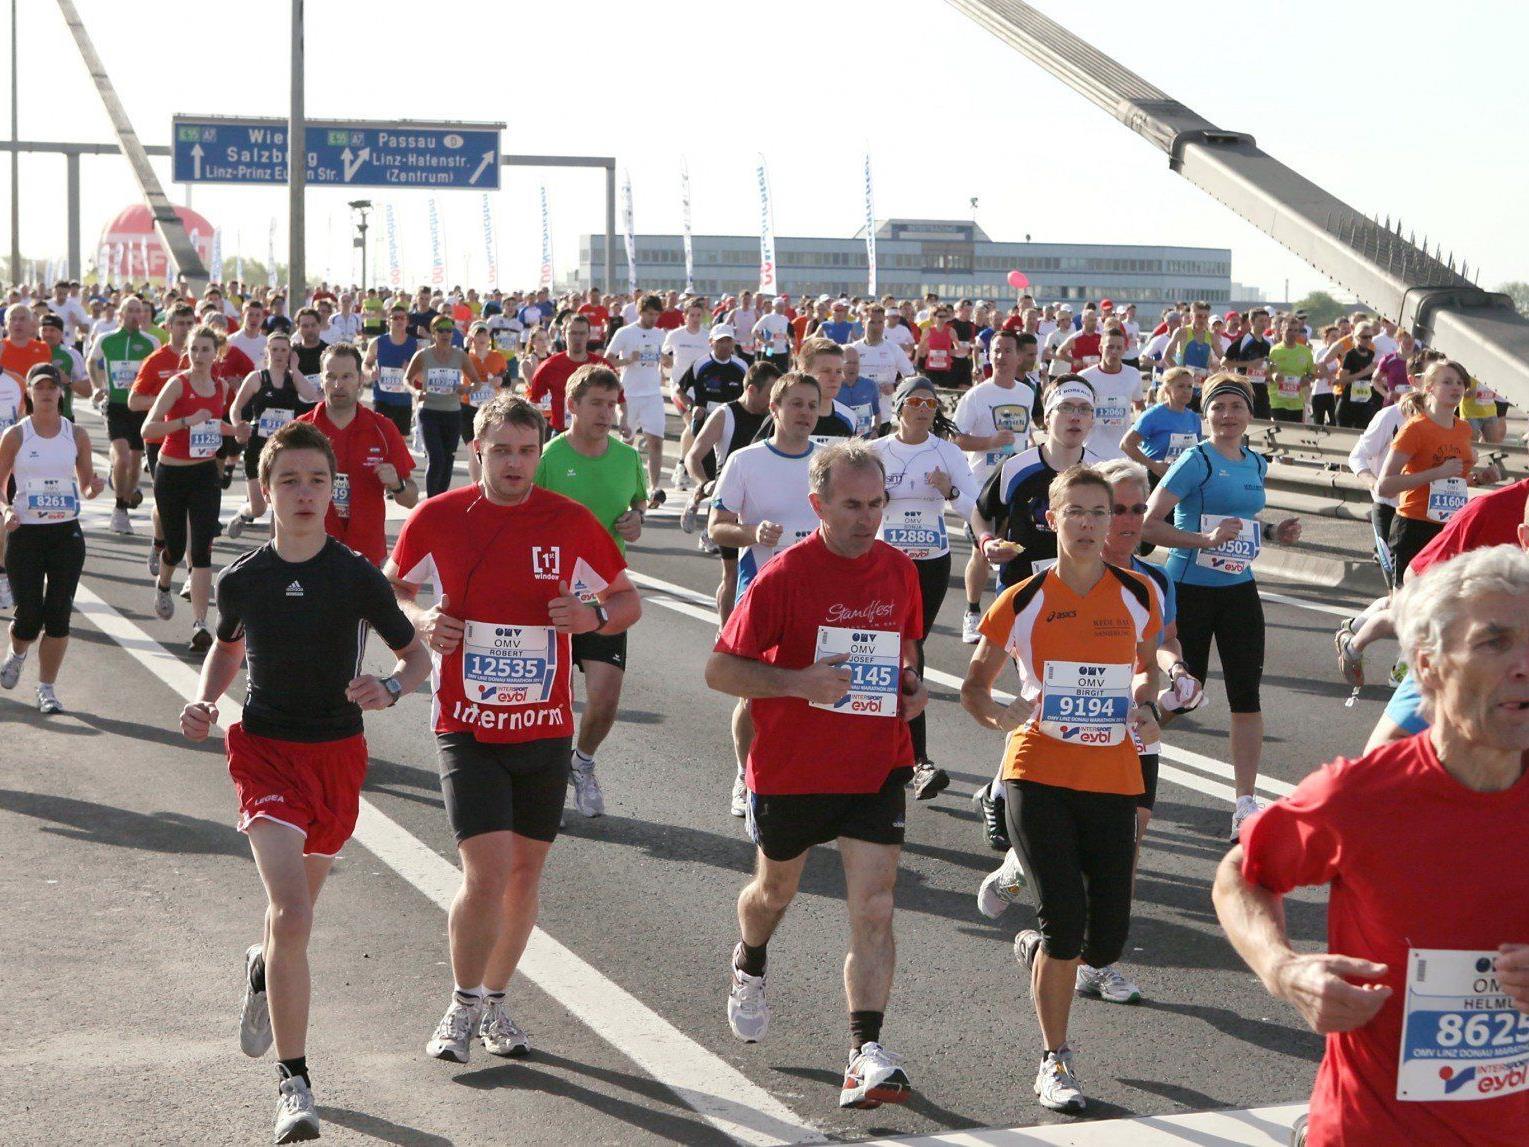 Am 21. April 2013 findet der Marathon in Linz statt. Wir haben alle Sperren im Überblick.